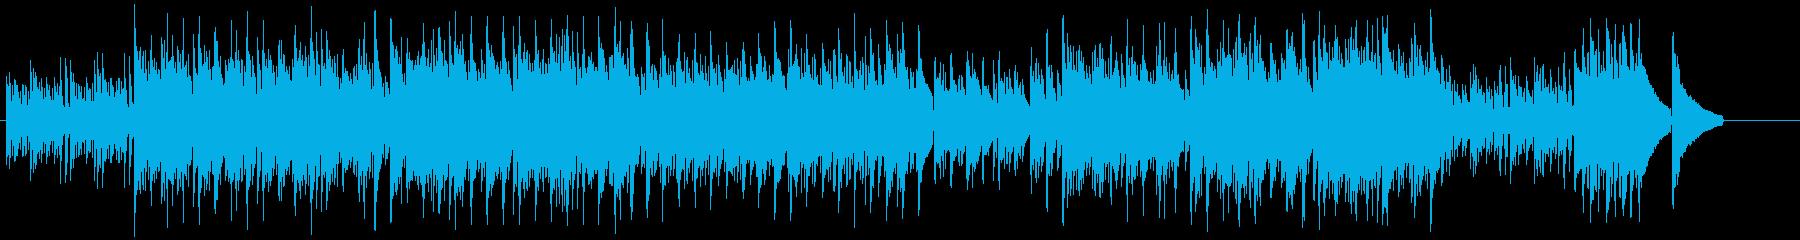 アコースティック・イメージサウンドの再生済みの波形